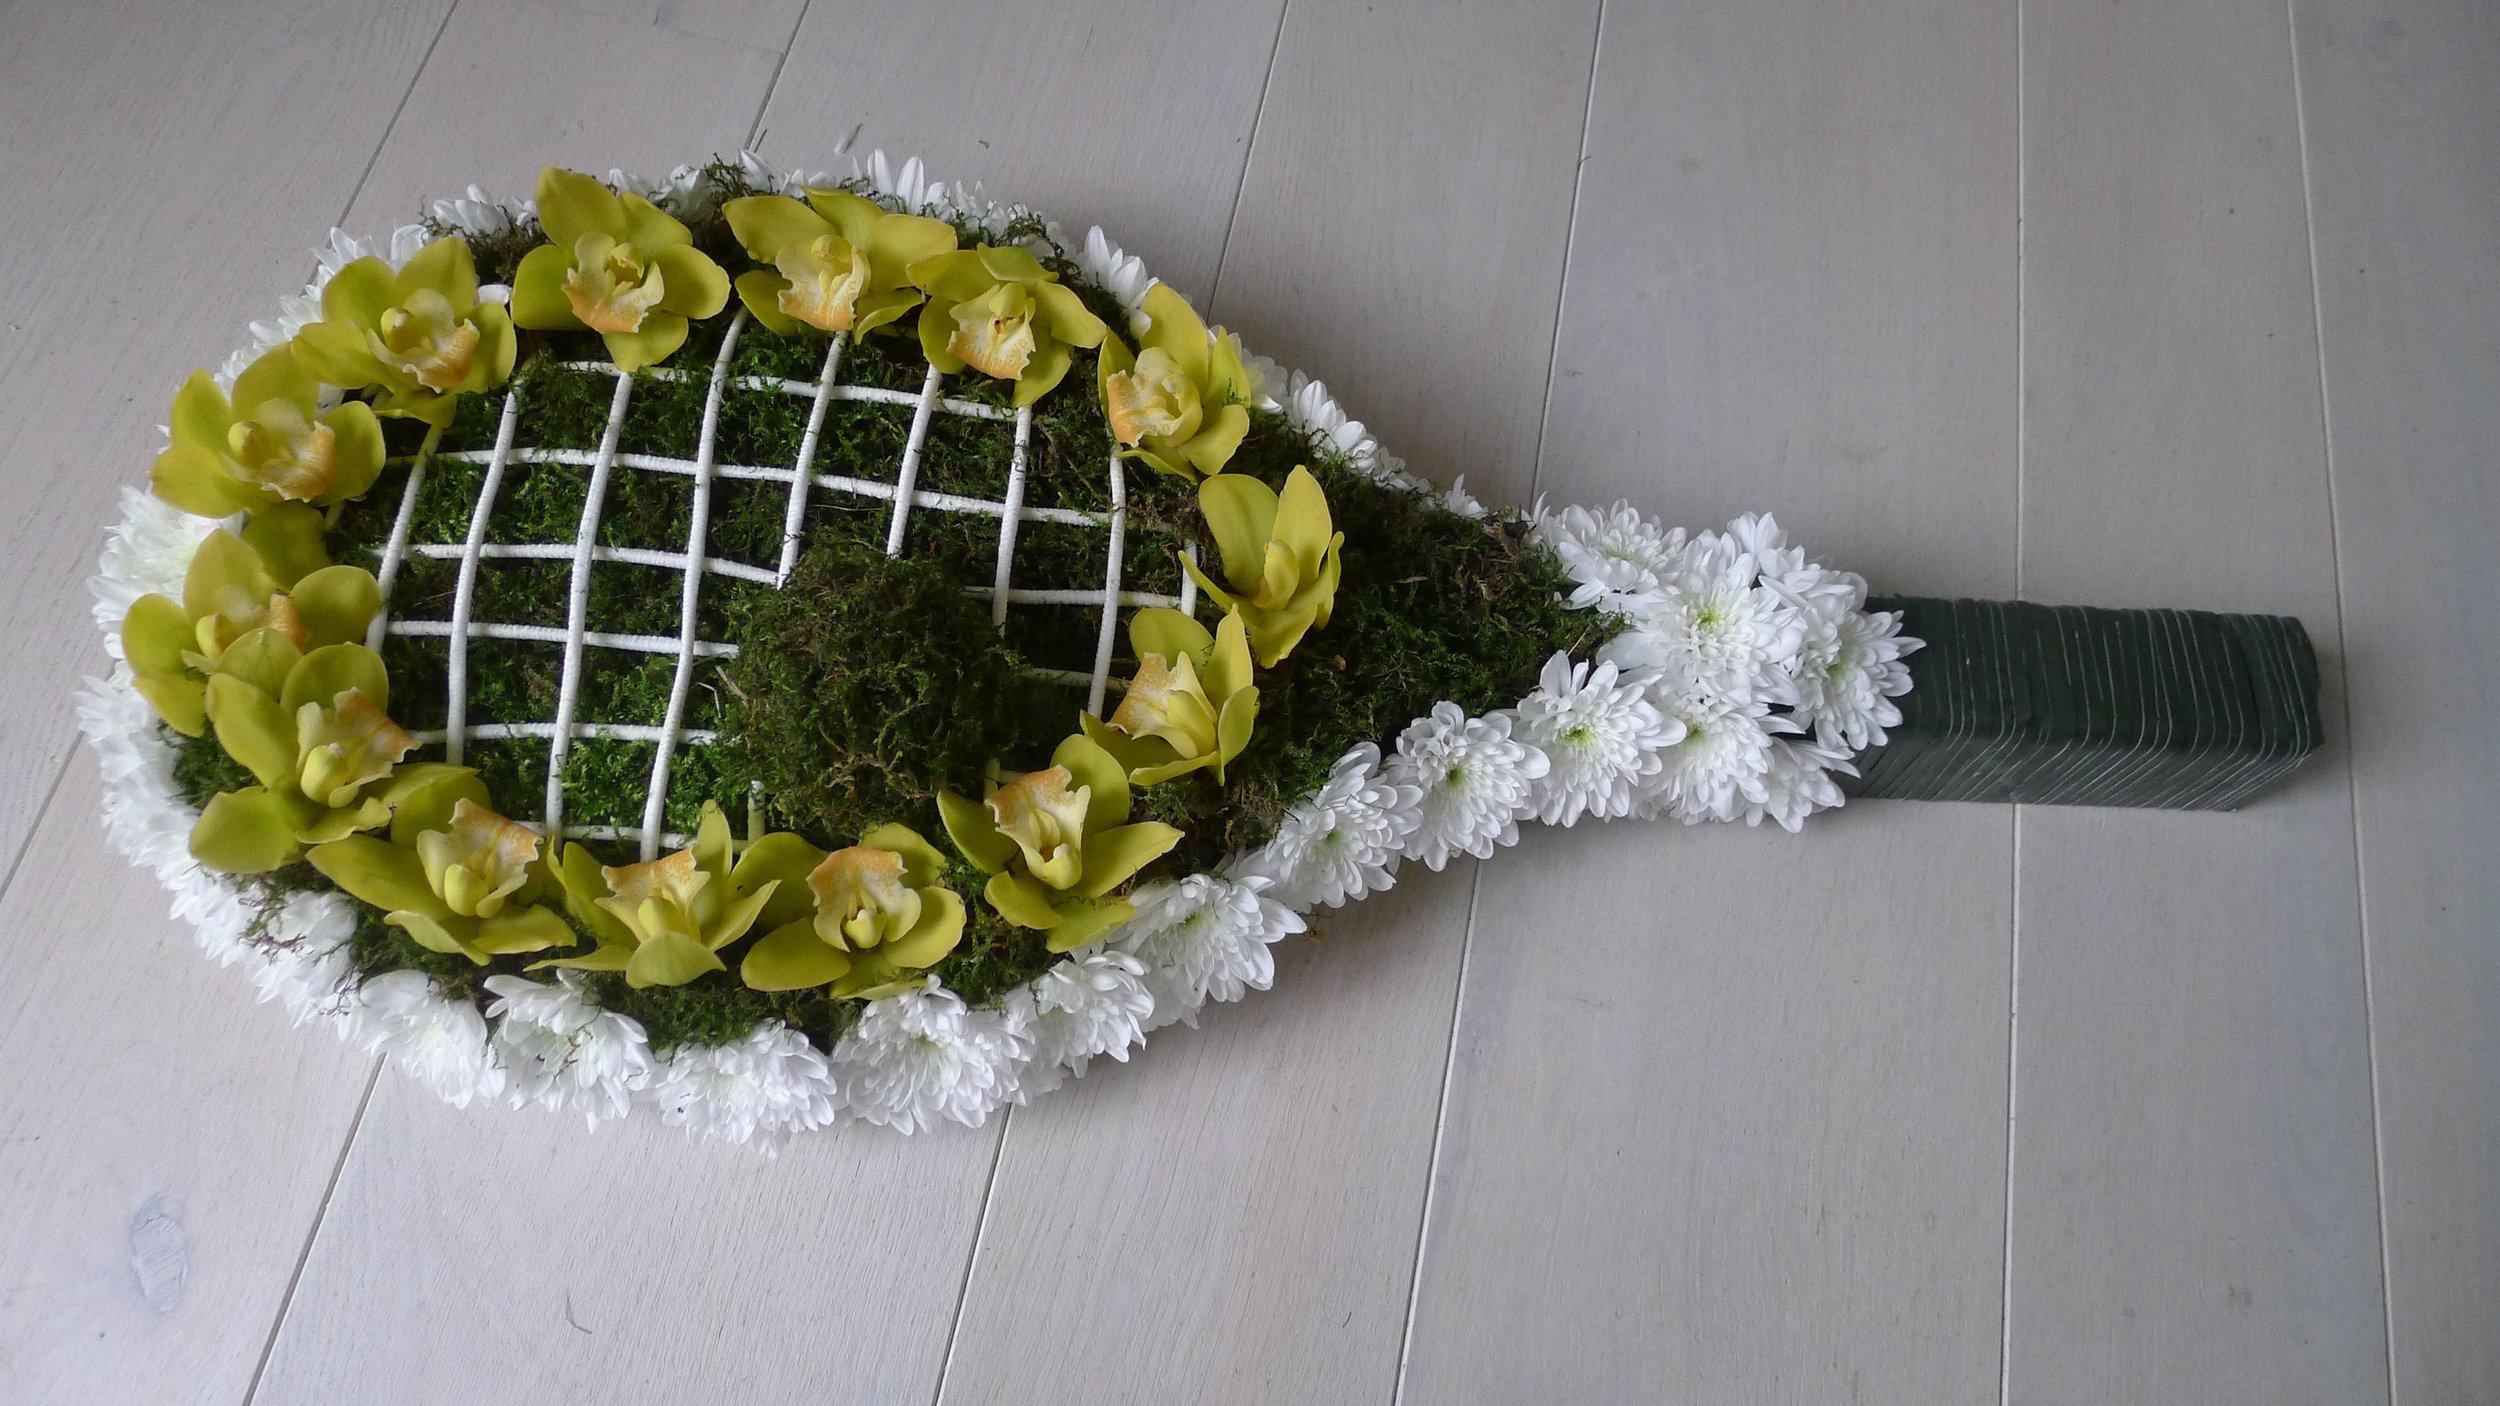 sympathy-flowers-tennis-racket.jpg